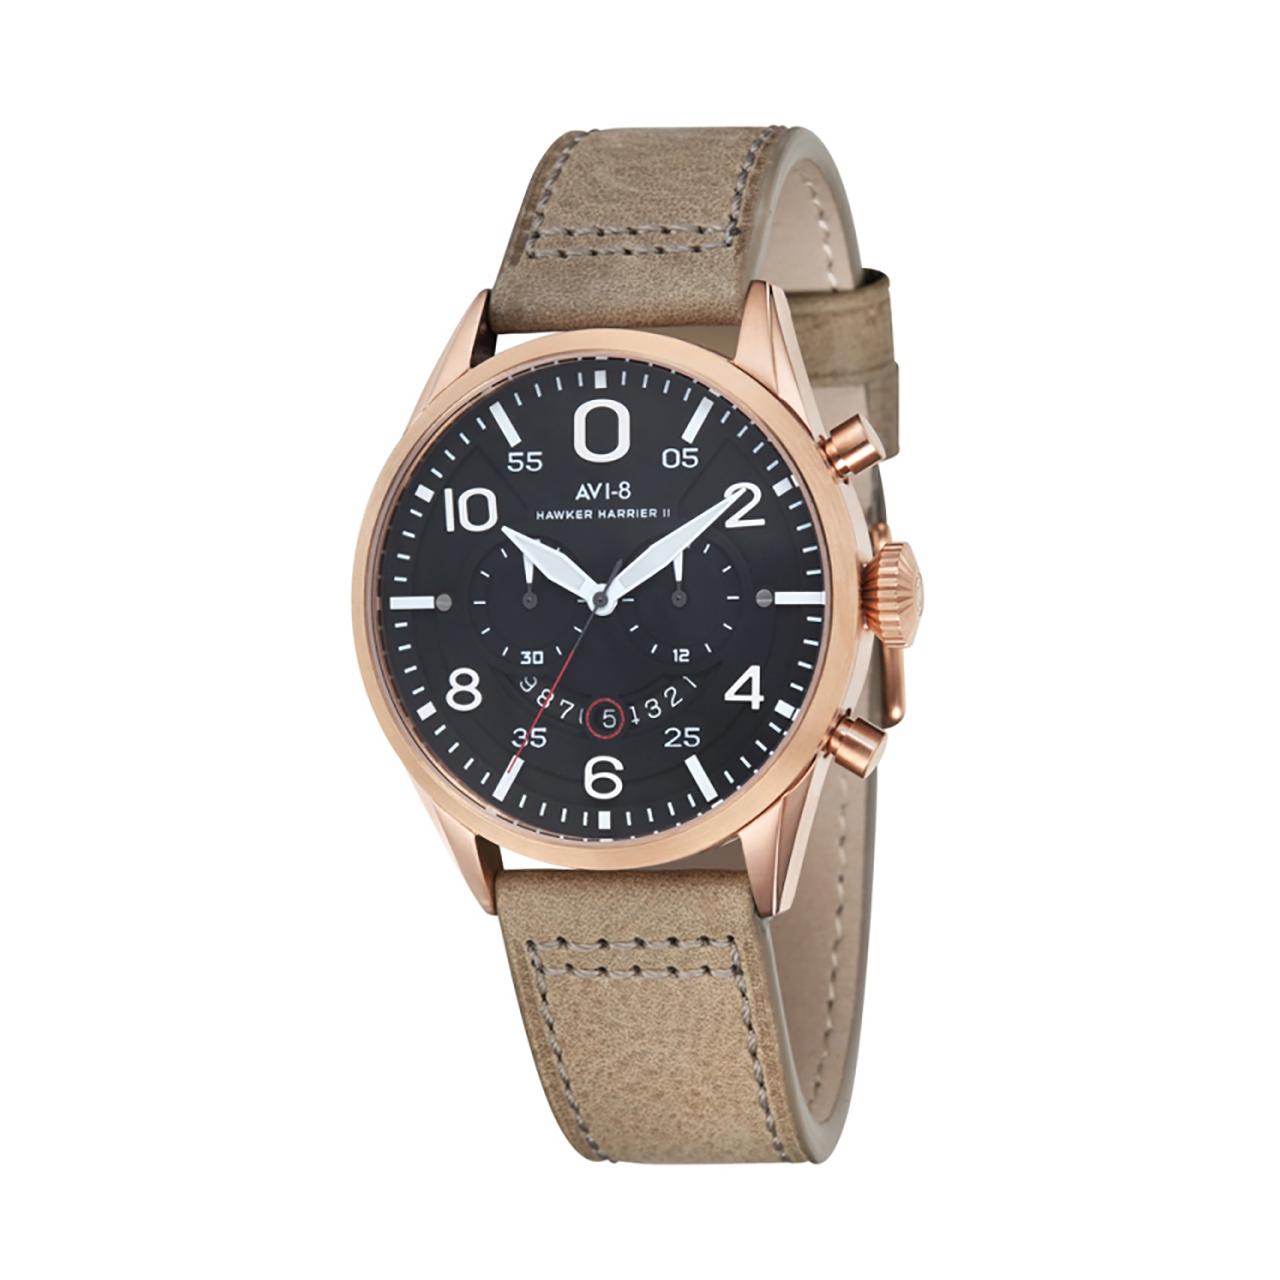 ساعت مچی عقربه ای مردانه ای وی-8 مدل AV-4031-06